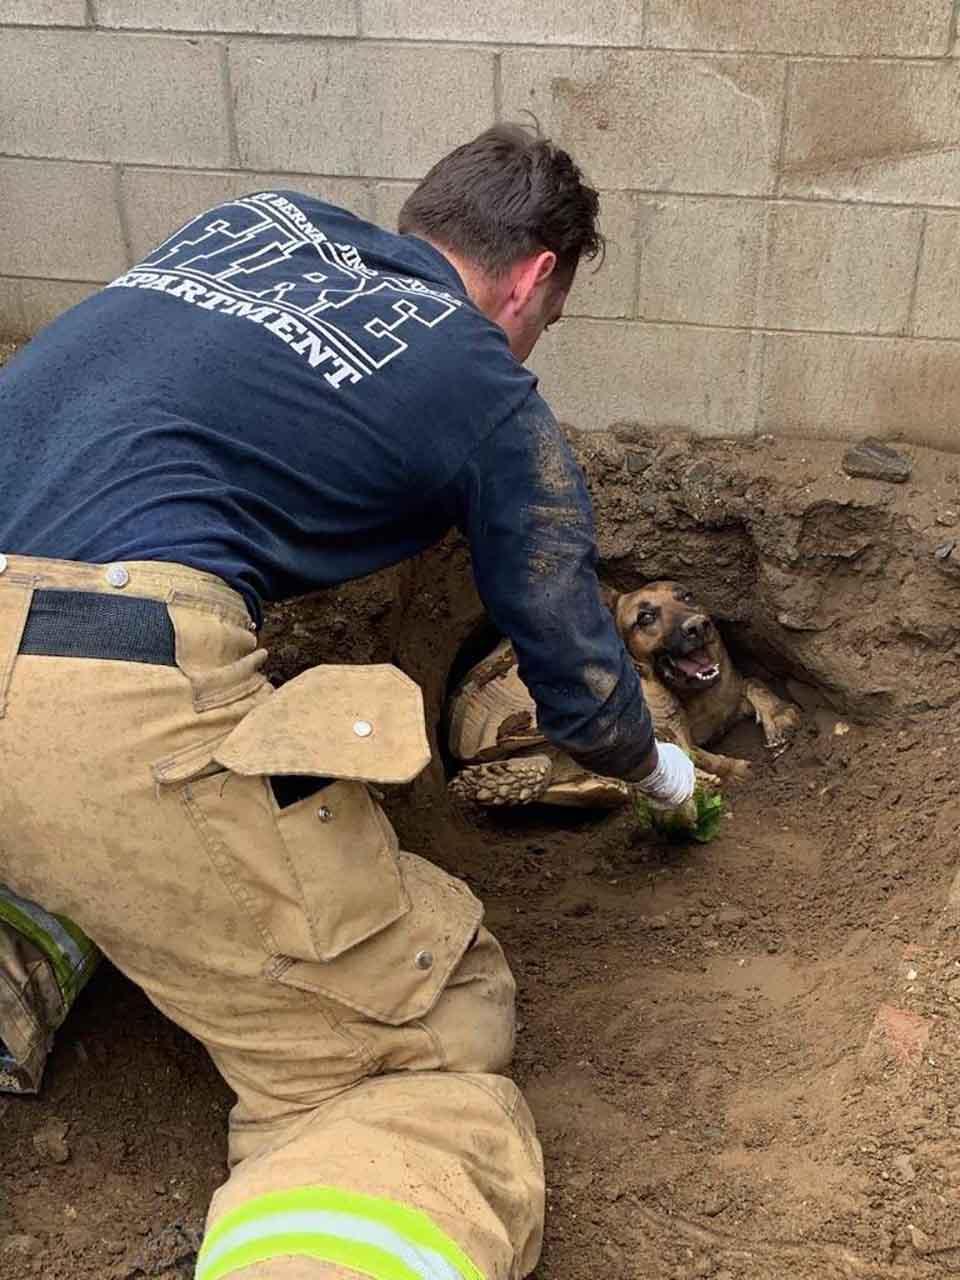 bombero ayuda a perro y tortuga en tunel de tierra